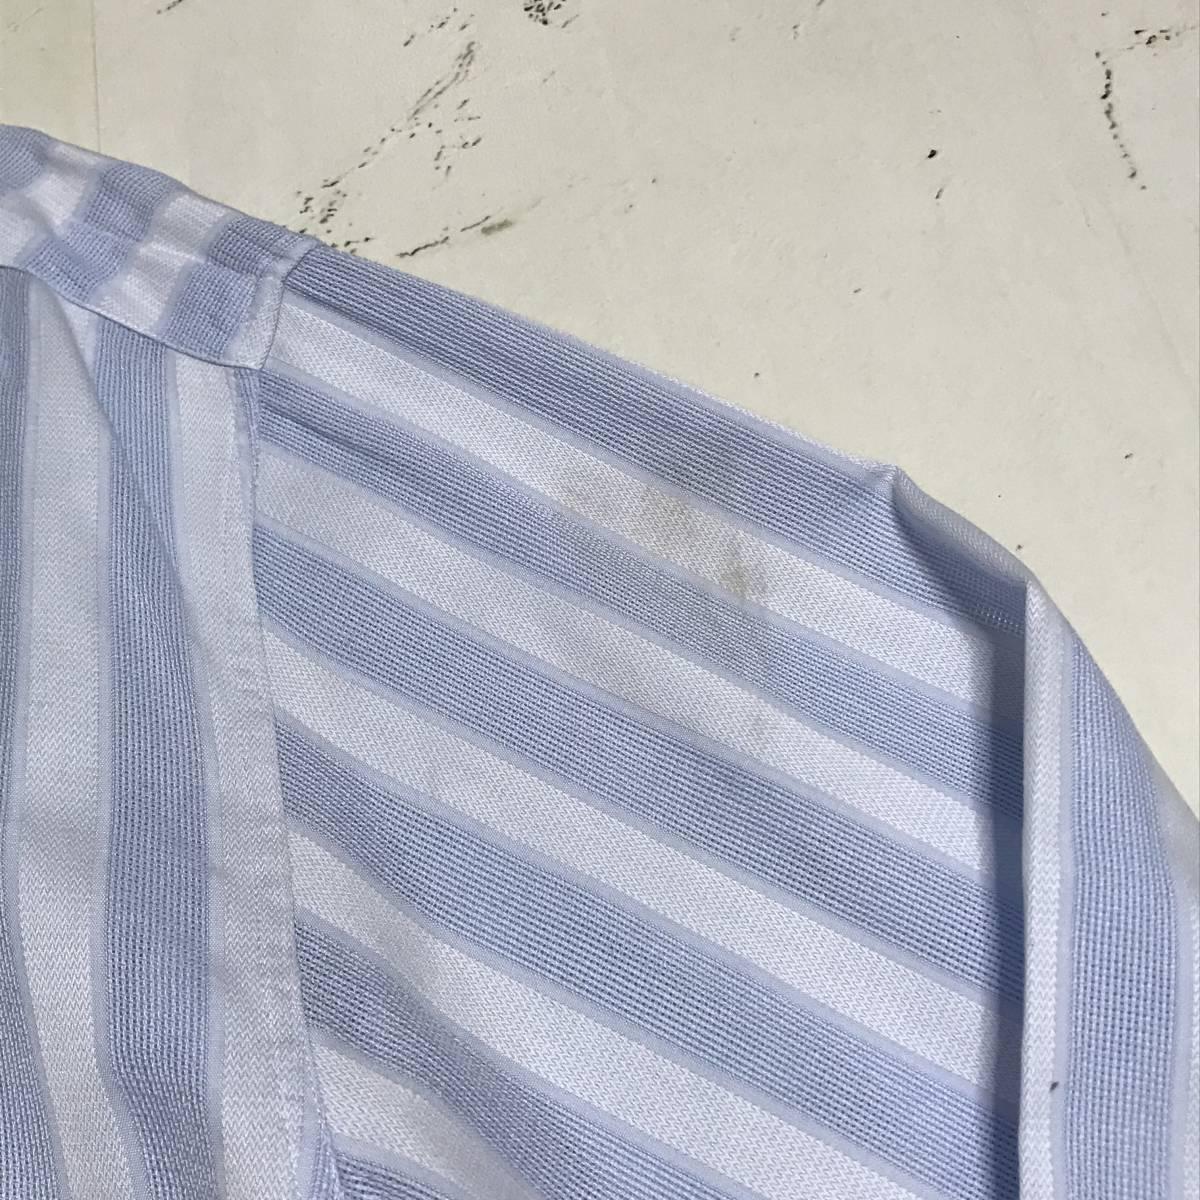 ★Gianni Versace/ヴェルサーチ★メンズ ストライプ柄 長袖 シャツ レギュラーカラー ブロード 水色 ライトブルー ドレスシャツ ワイシャツ_画像9